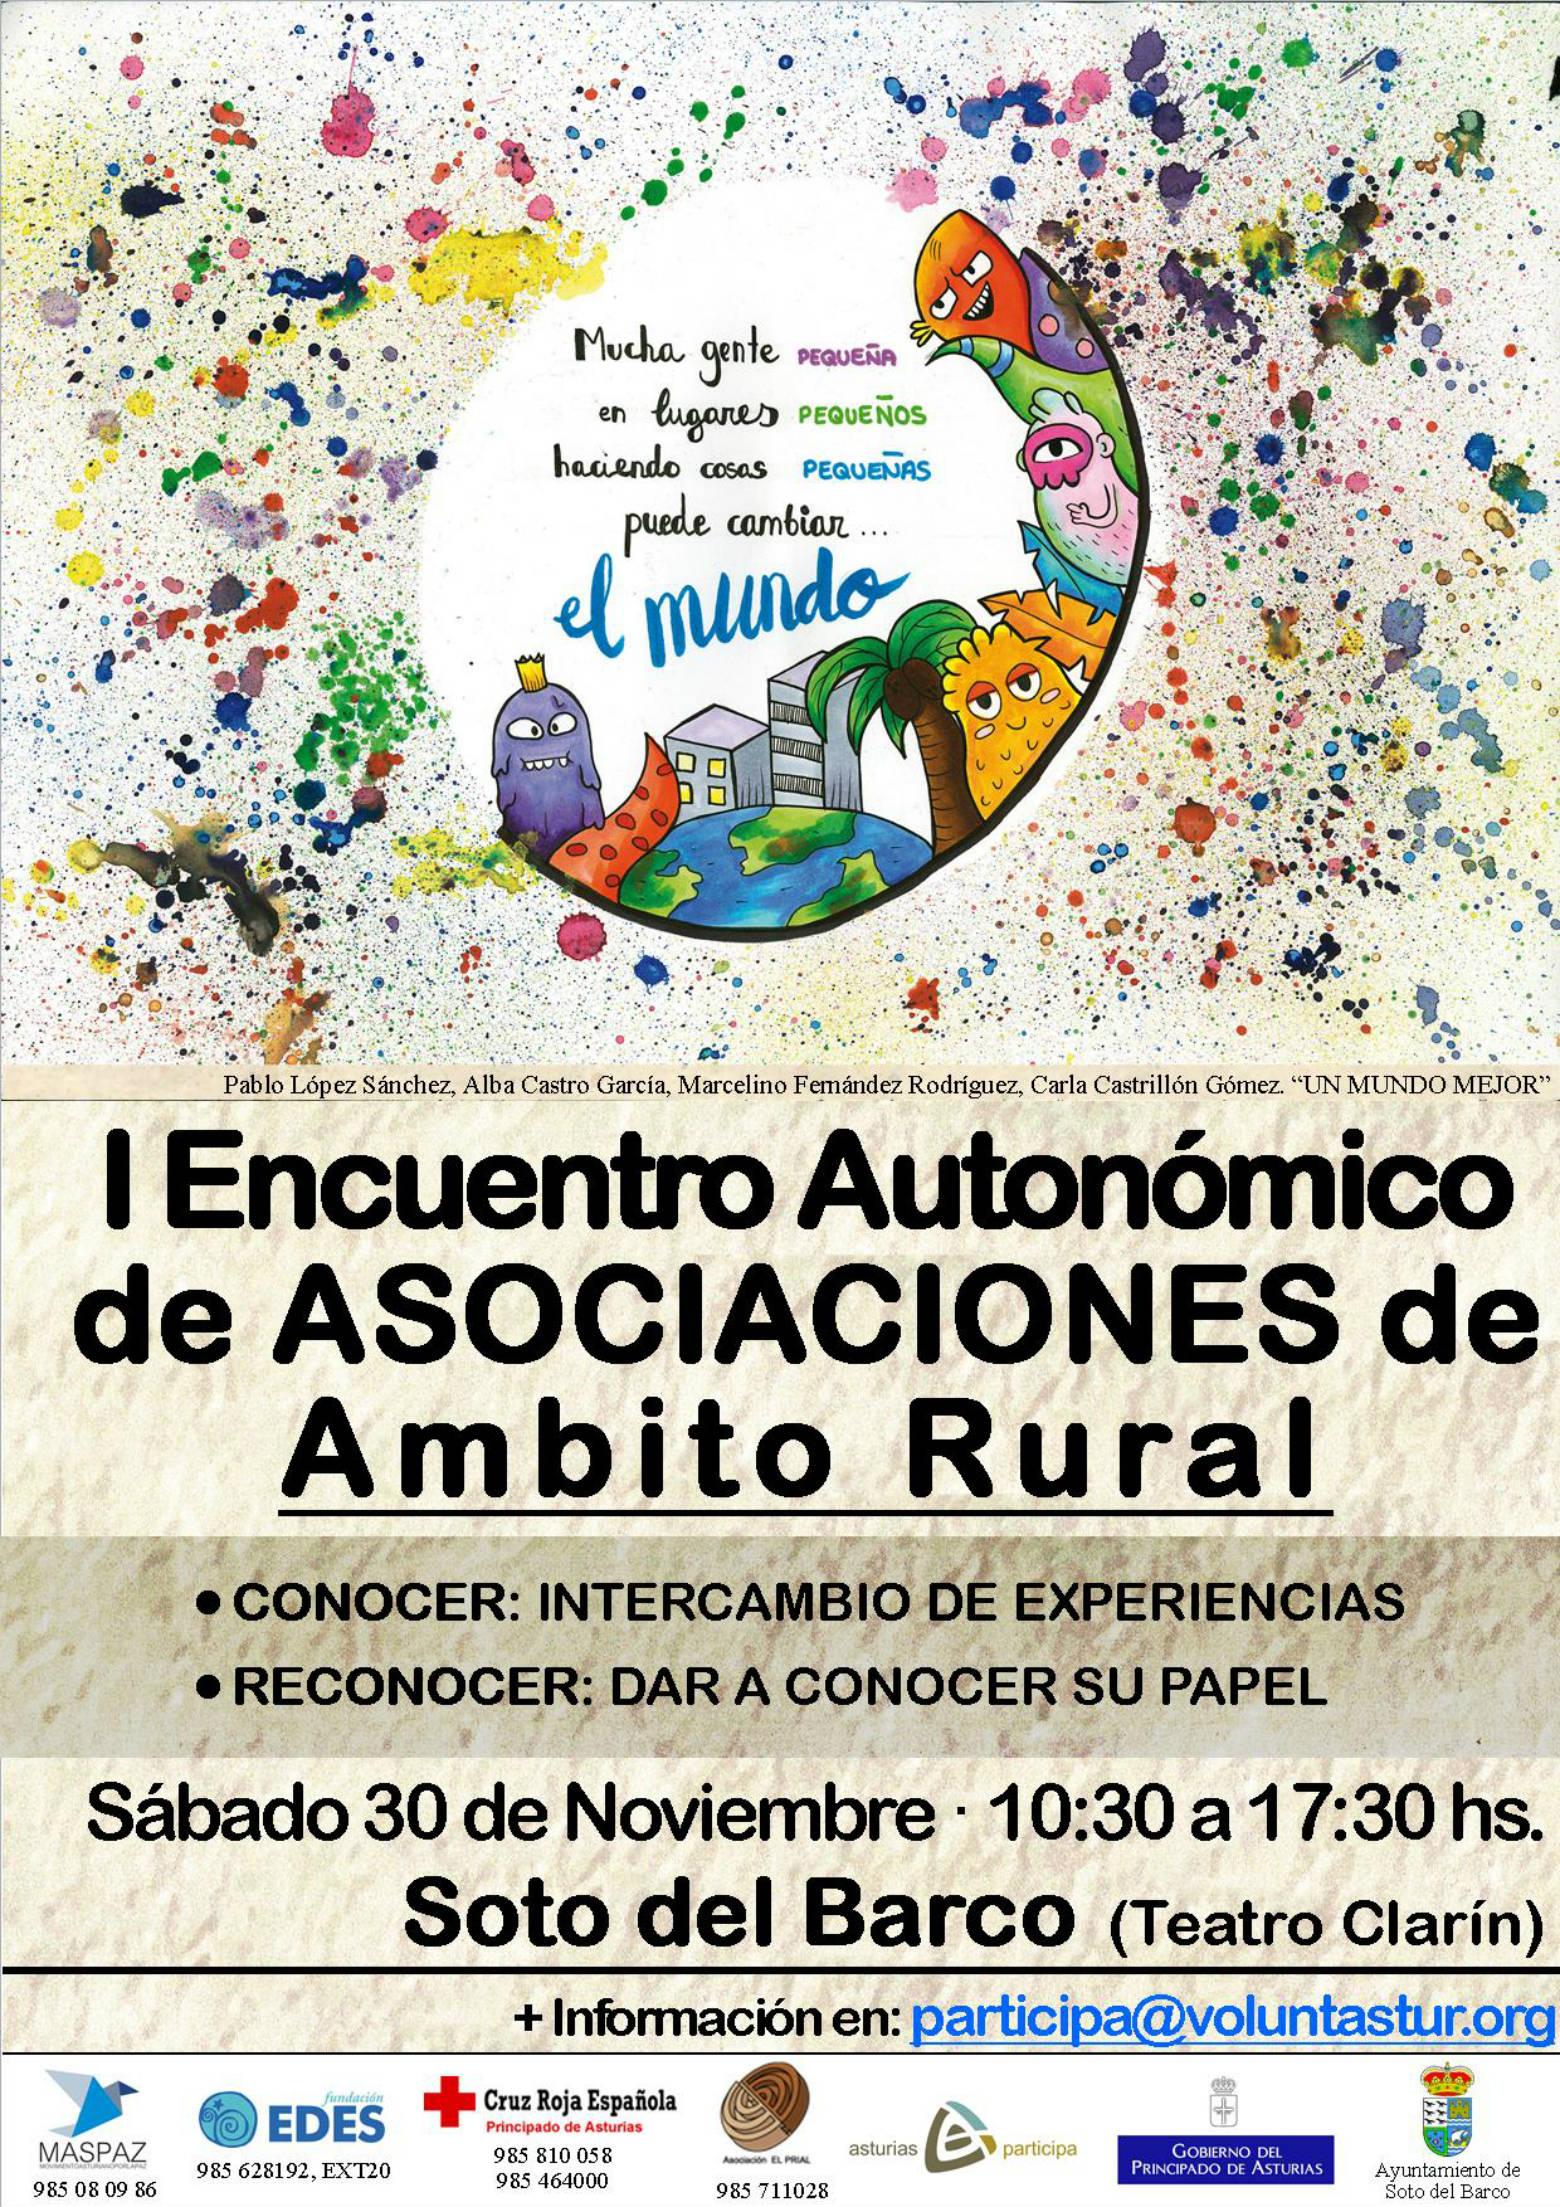 Primer encuentro autonómico de asociaciones de ámbito rural